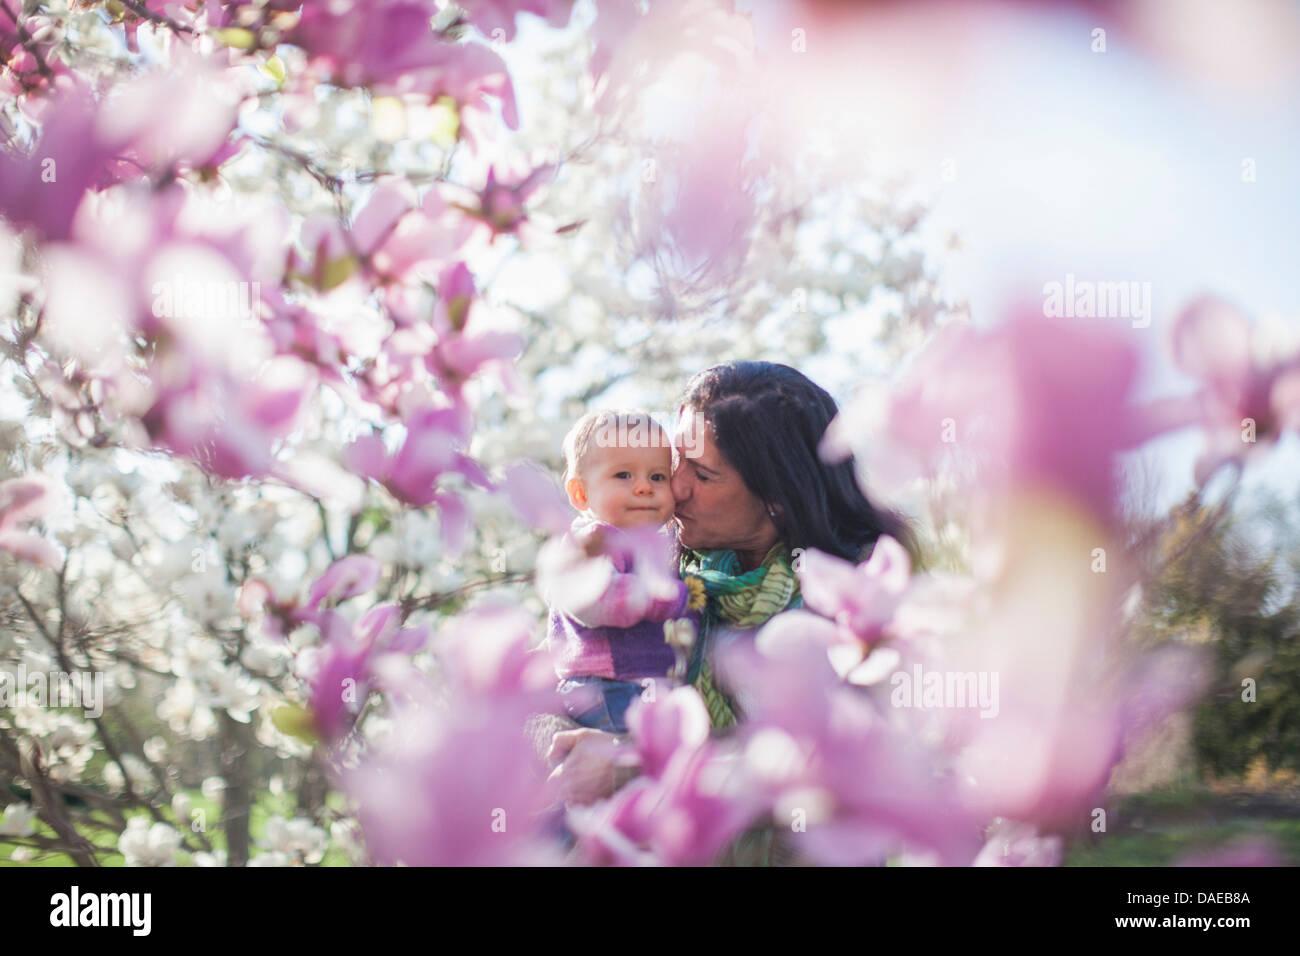 La nipote e nonna tra magnolia blossom Immagini Stock